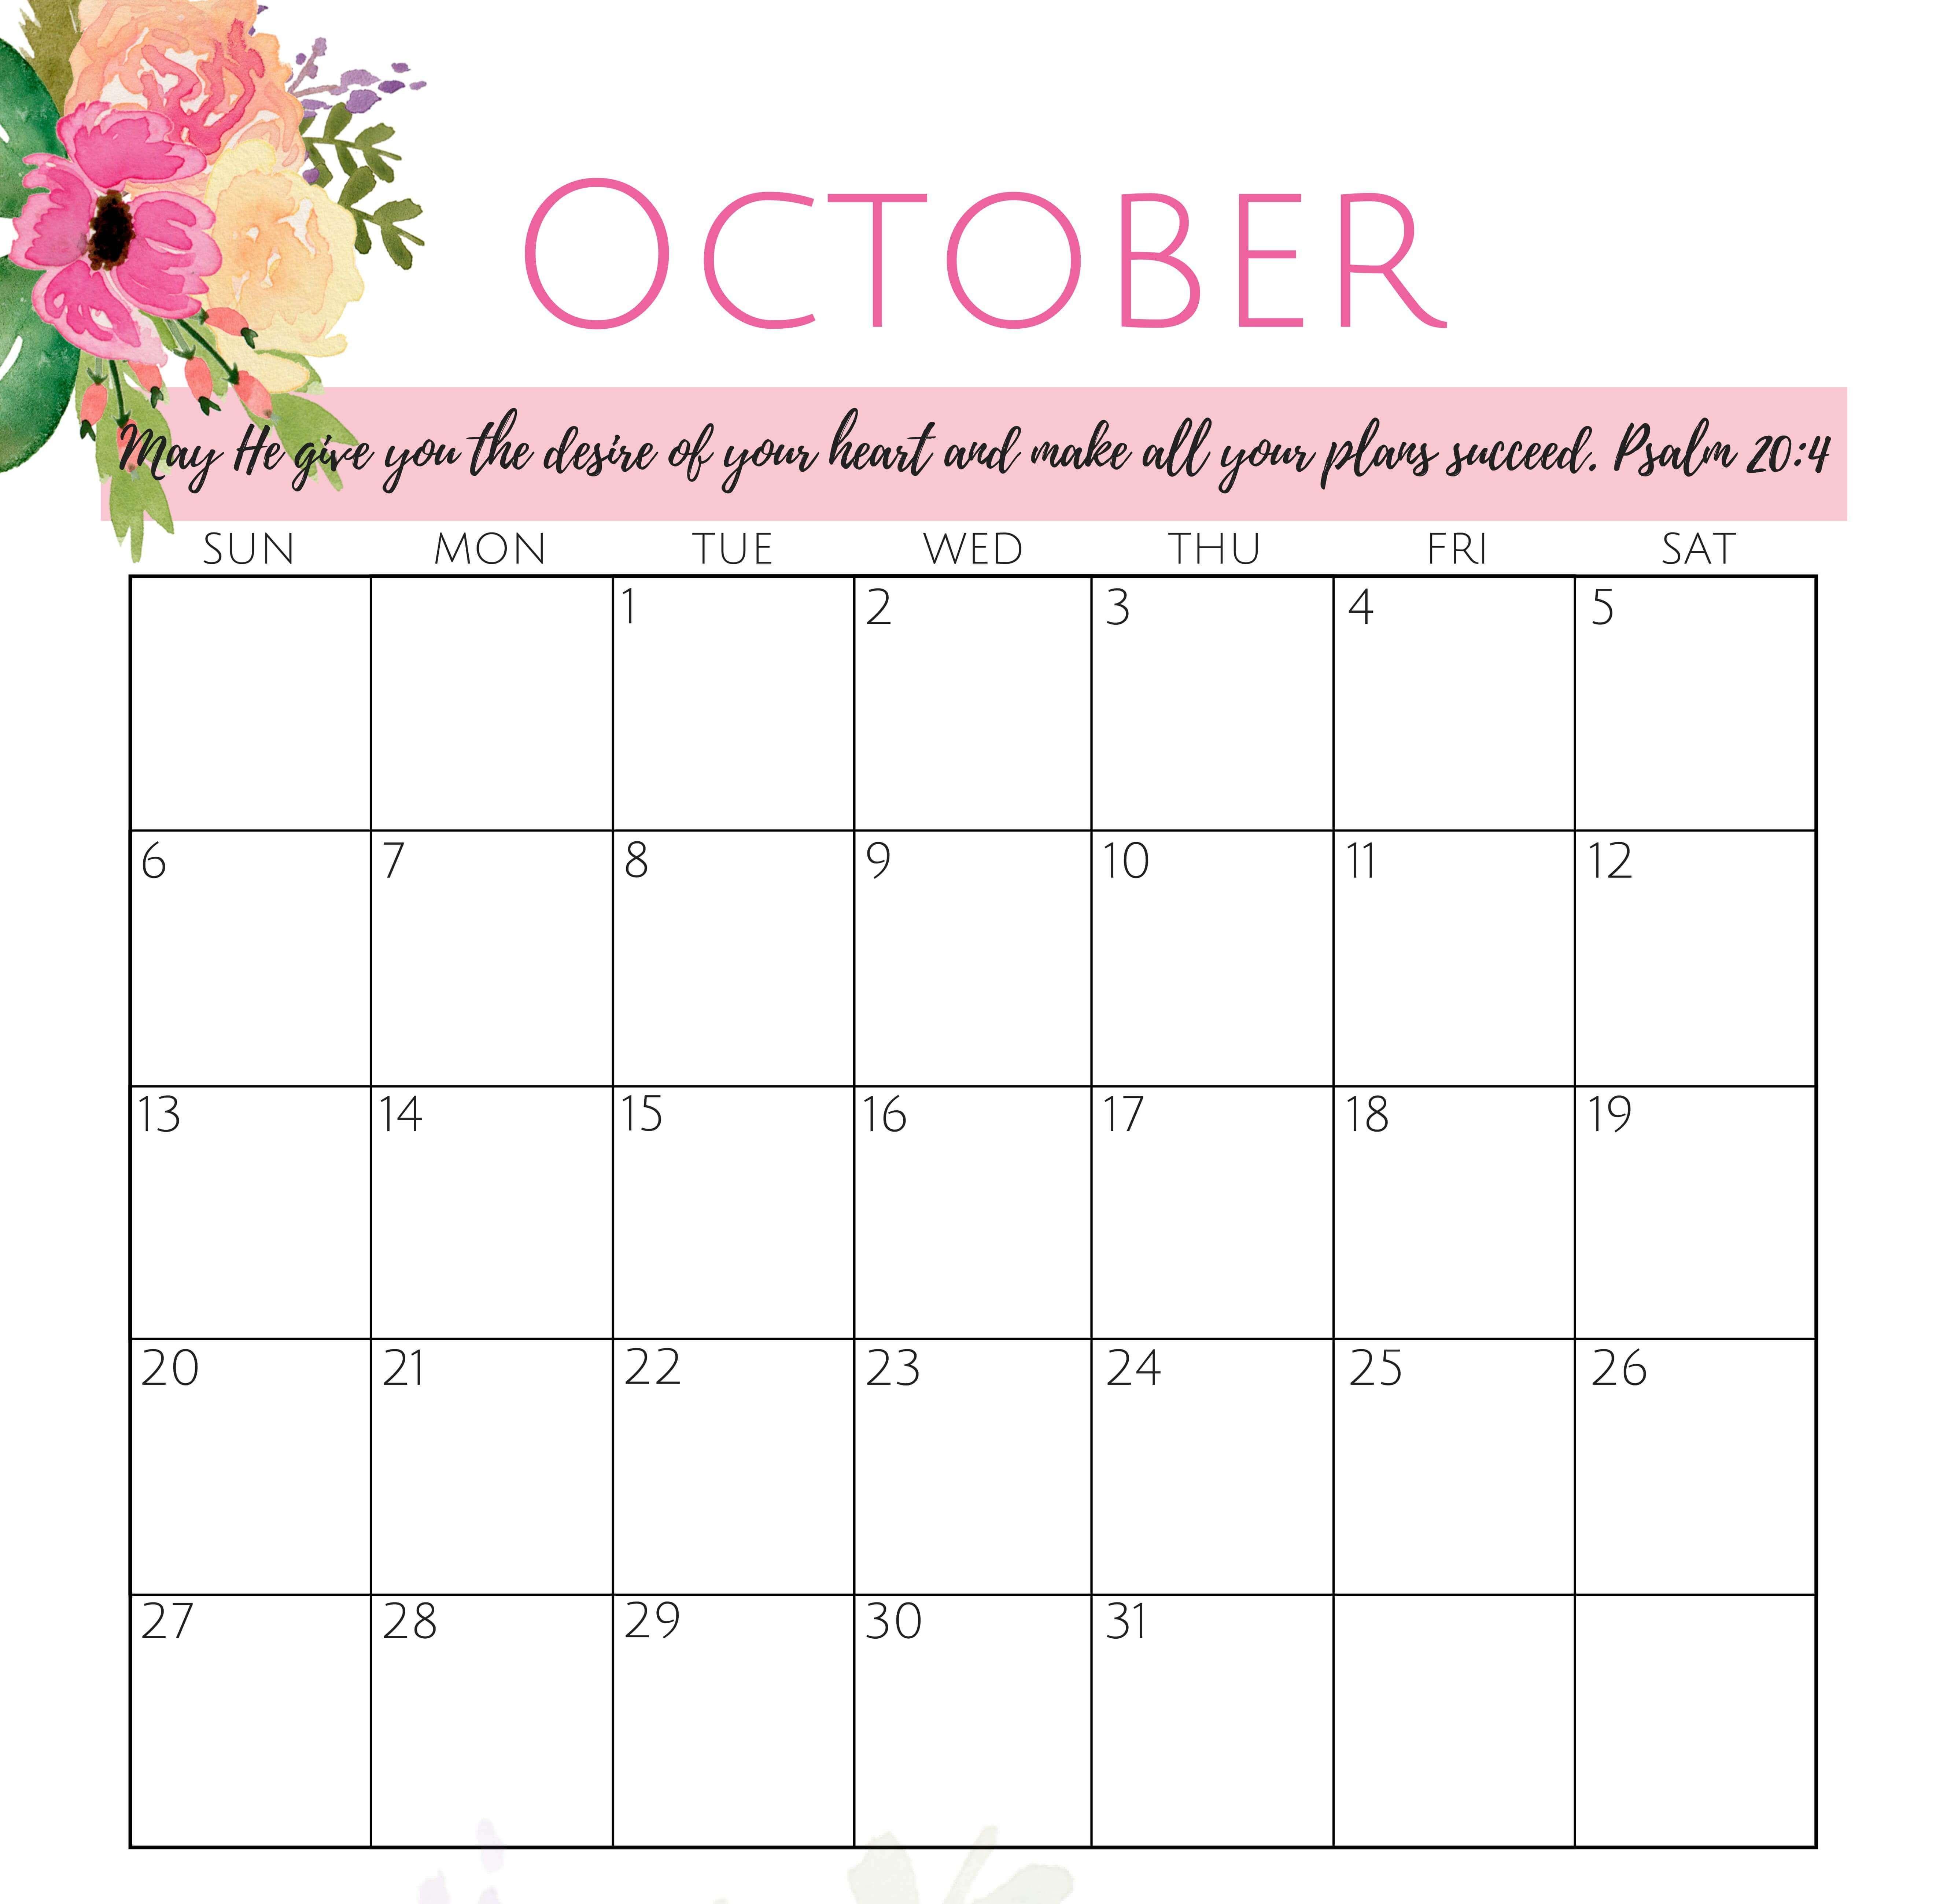 Online Calendar For October 2019 Template Online Calendar